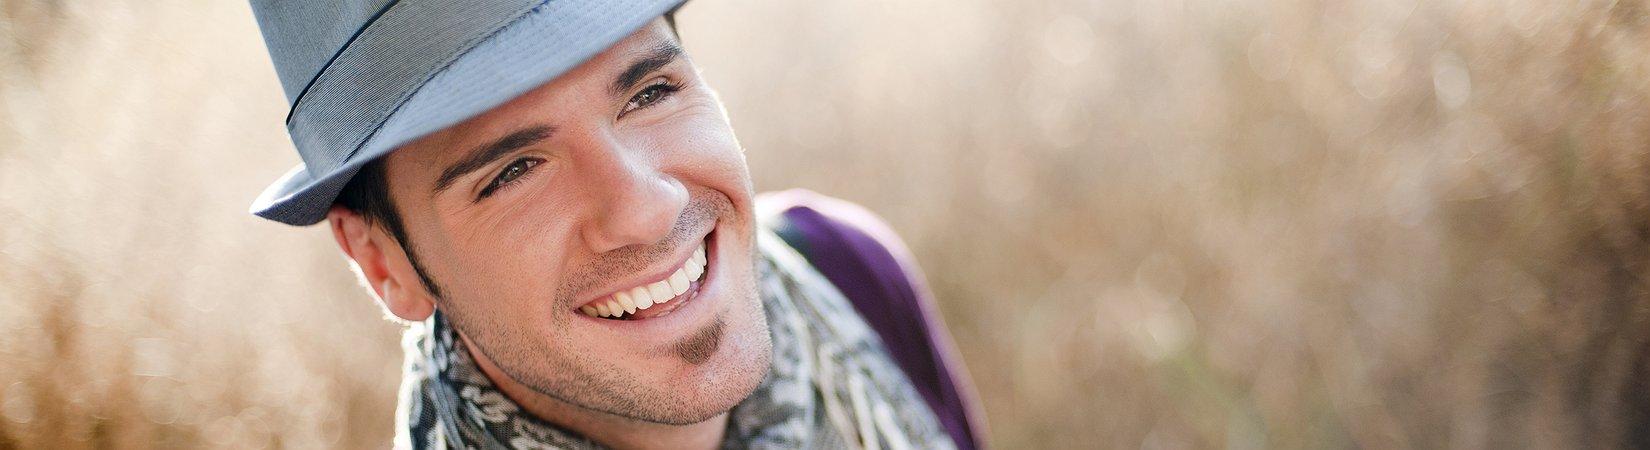 19 cosas que los hombres deberían sacar de su armario y quemar